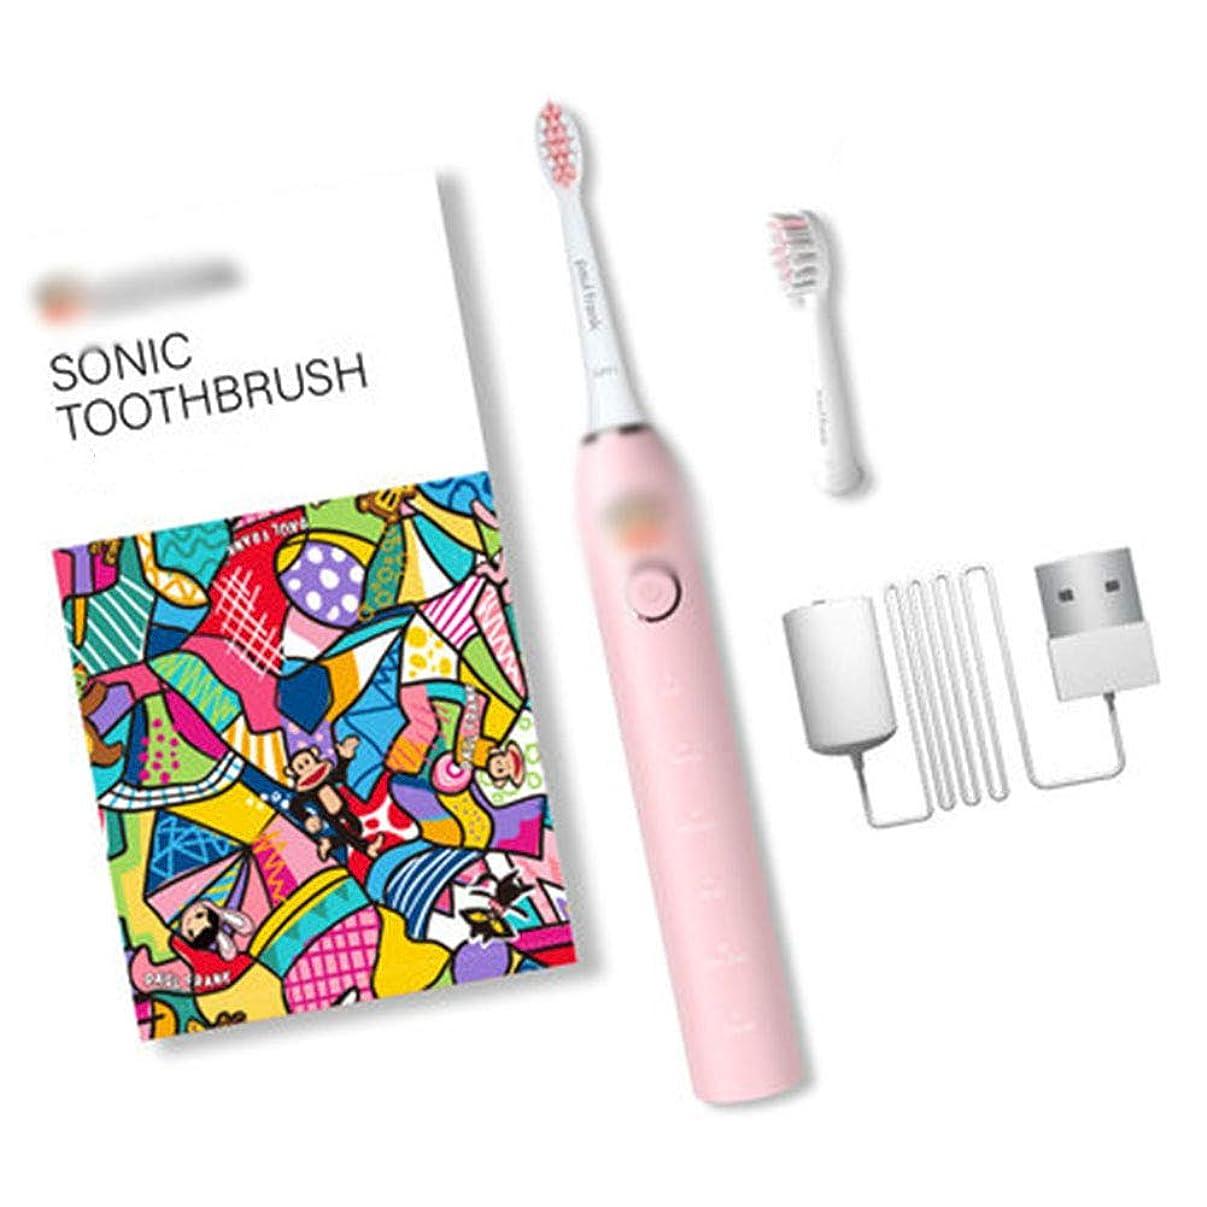 つかまえるバン後方タイマー付き大人用充電式防水電動歯ブラシ歯医者さんのUSB充電歯ホワイトニングのようなあなたの歯,A